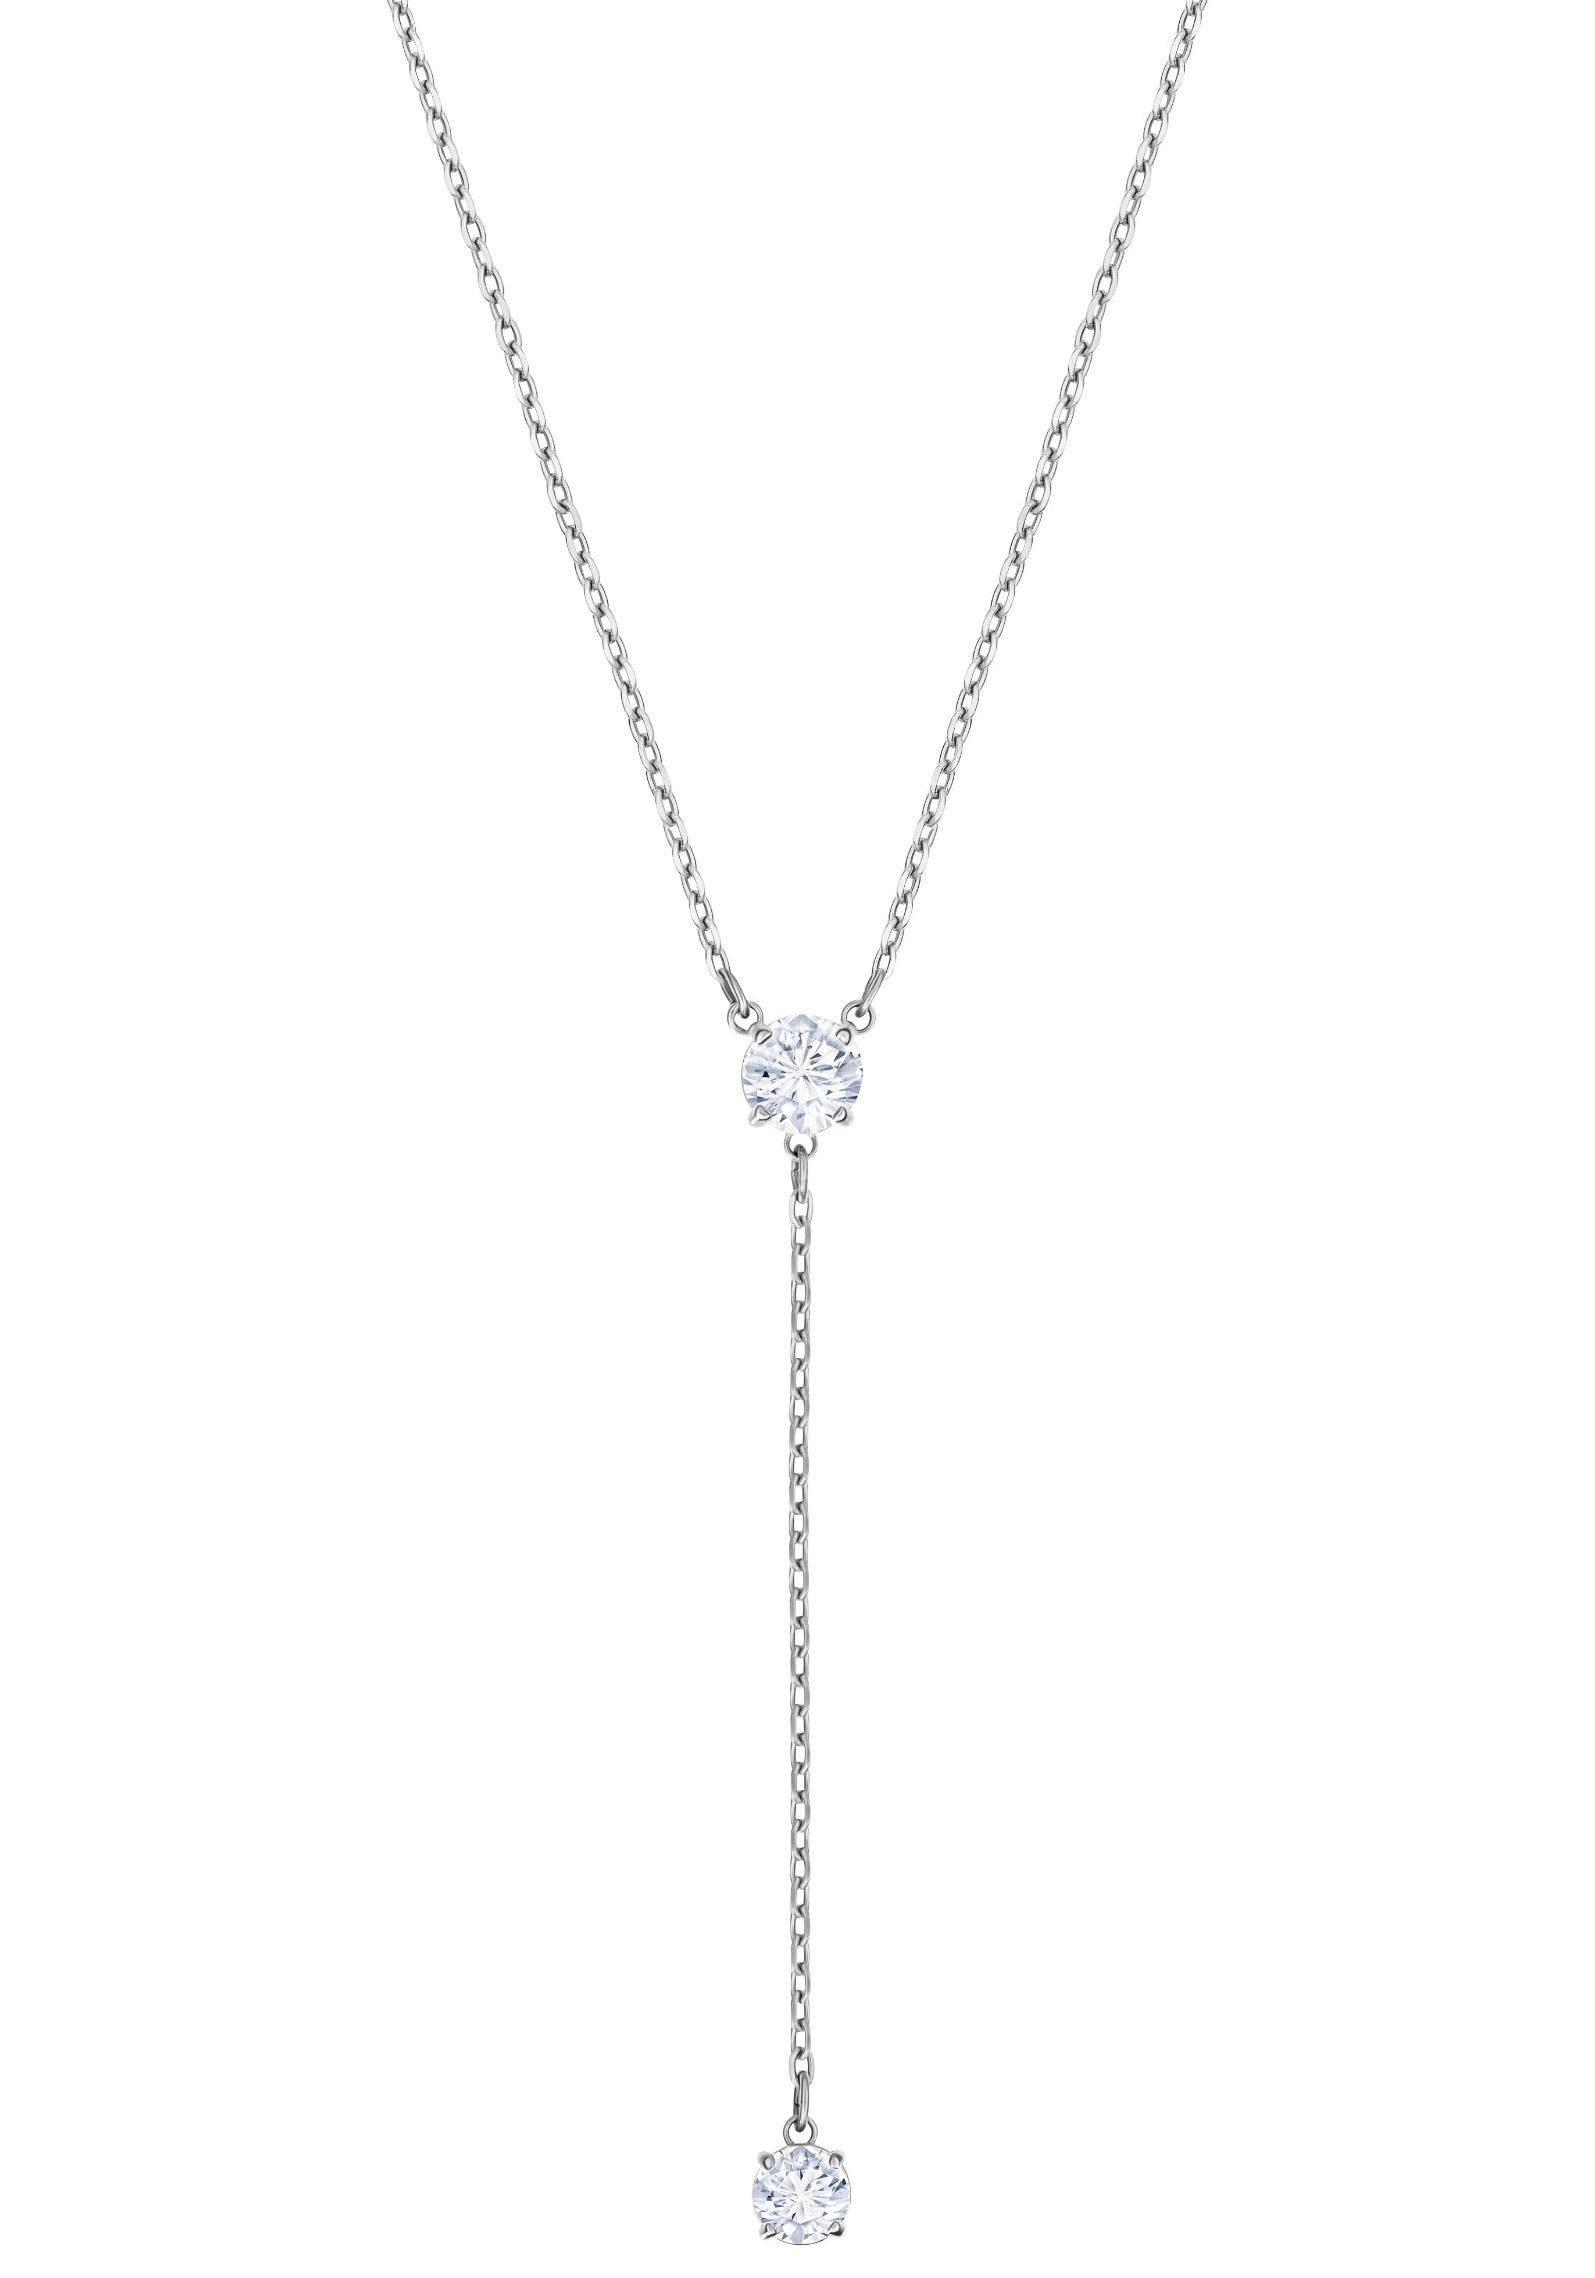 Swarovski Kette mit Anhänger »Attract Y-Halskette, weiss, rhodiniert, 5367969« mit Swarovski® Kristallen